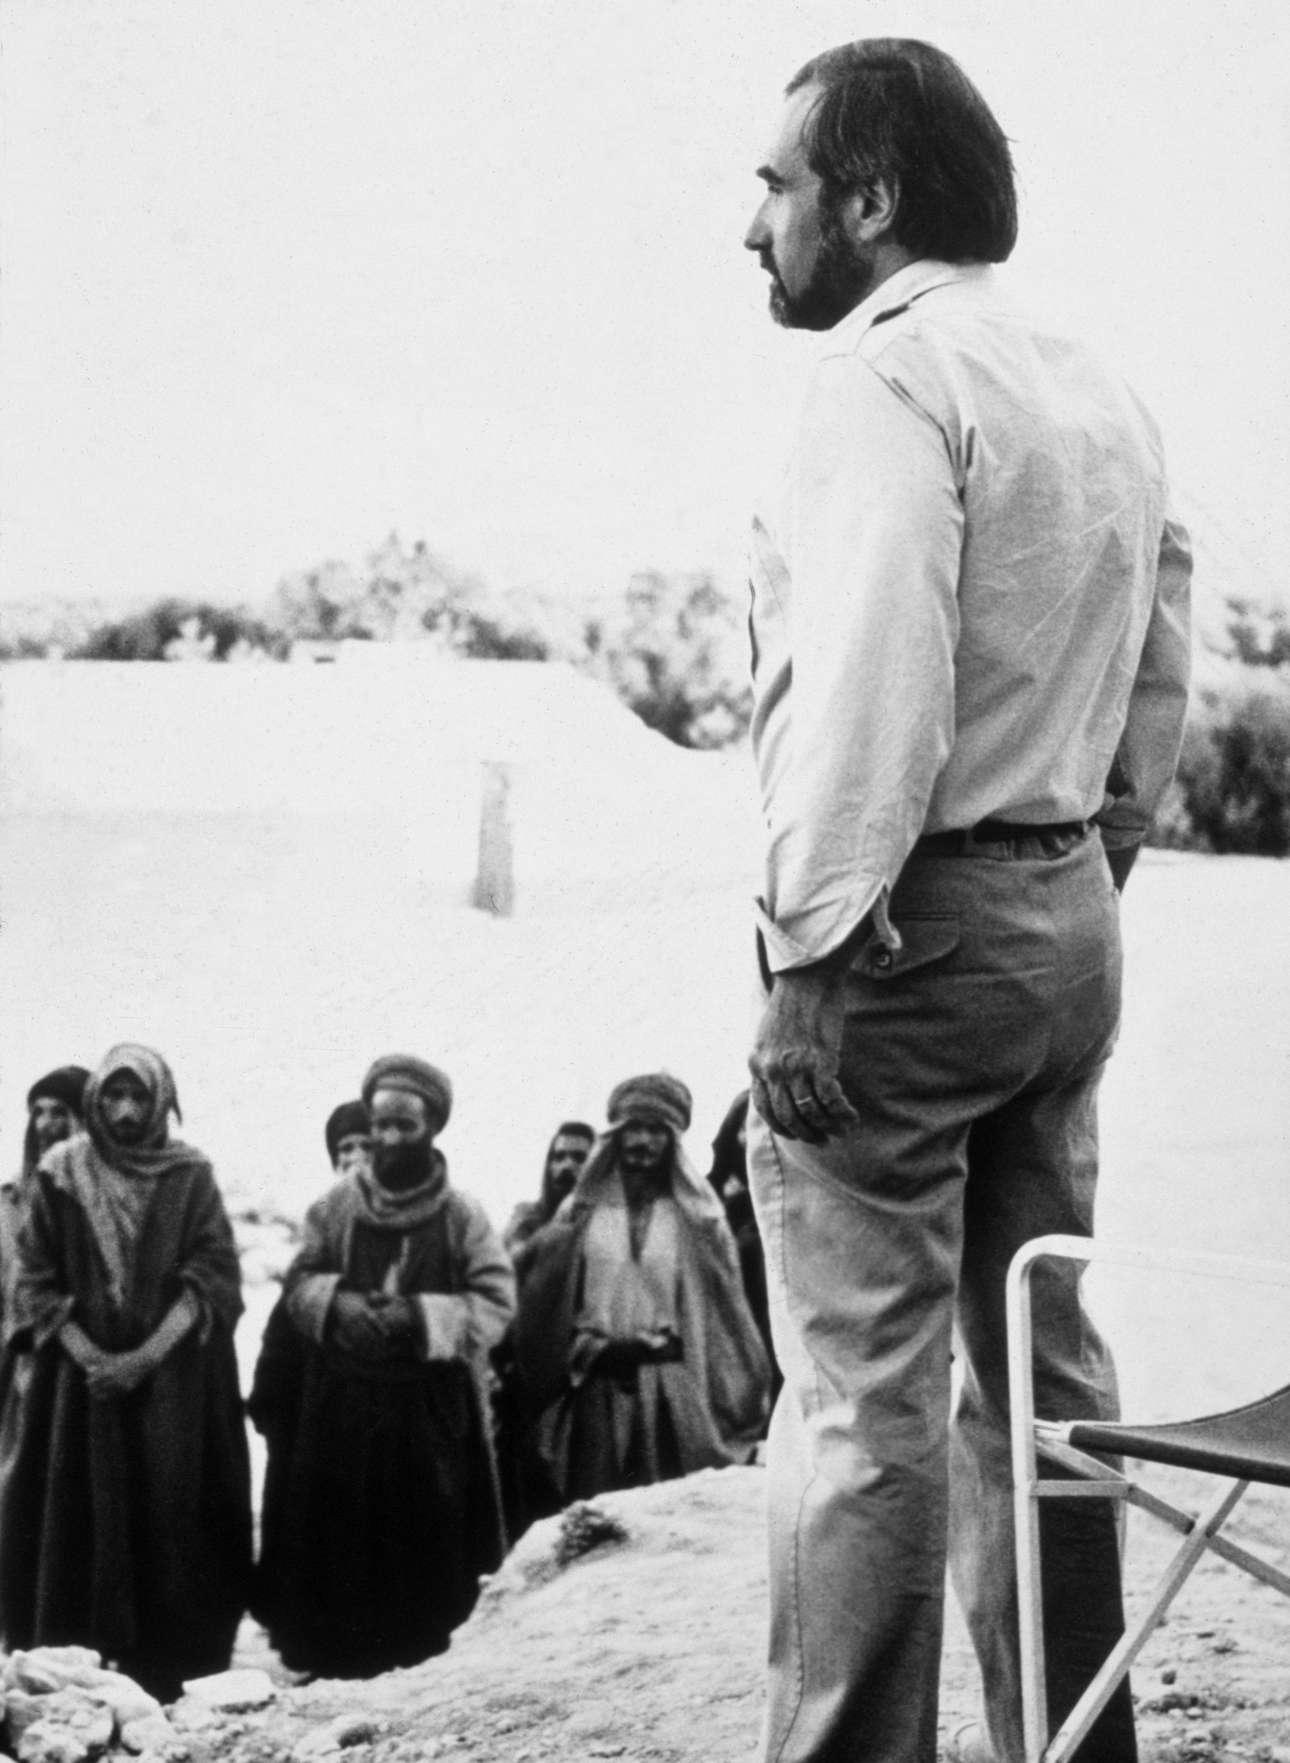 Στα γυρίσματα του φιλμ «Ο Τελευταίος Πειρασμός», για το οποίο προτάθηκε για Οσκαρ σκηνοθεσίας. Βασισμένο στο βιβλίο του Νίκου Καζαντζάκη, δεν μπόρεσε να προβληθεί στην Ελλάδα λόγω της αντίδρασης παραθρησκευτικών οργανωσεων